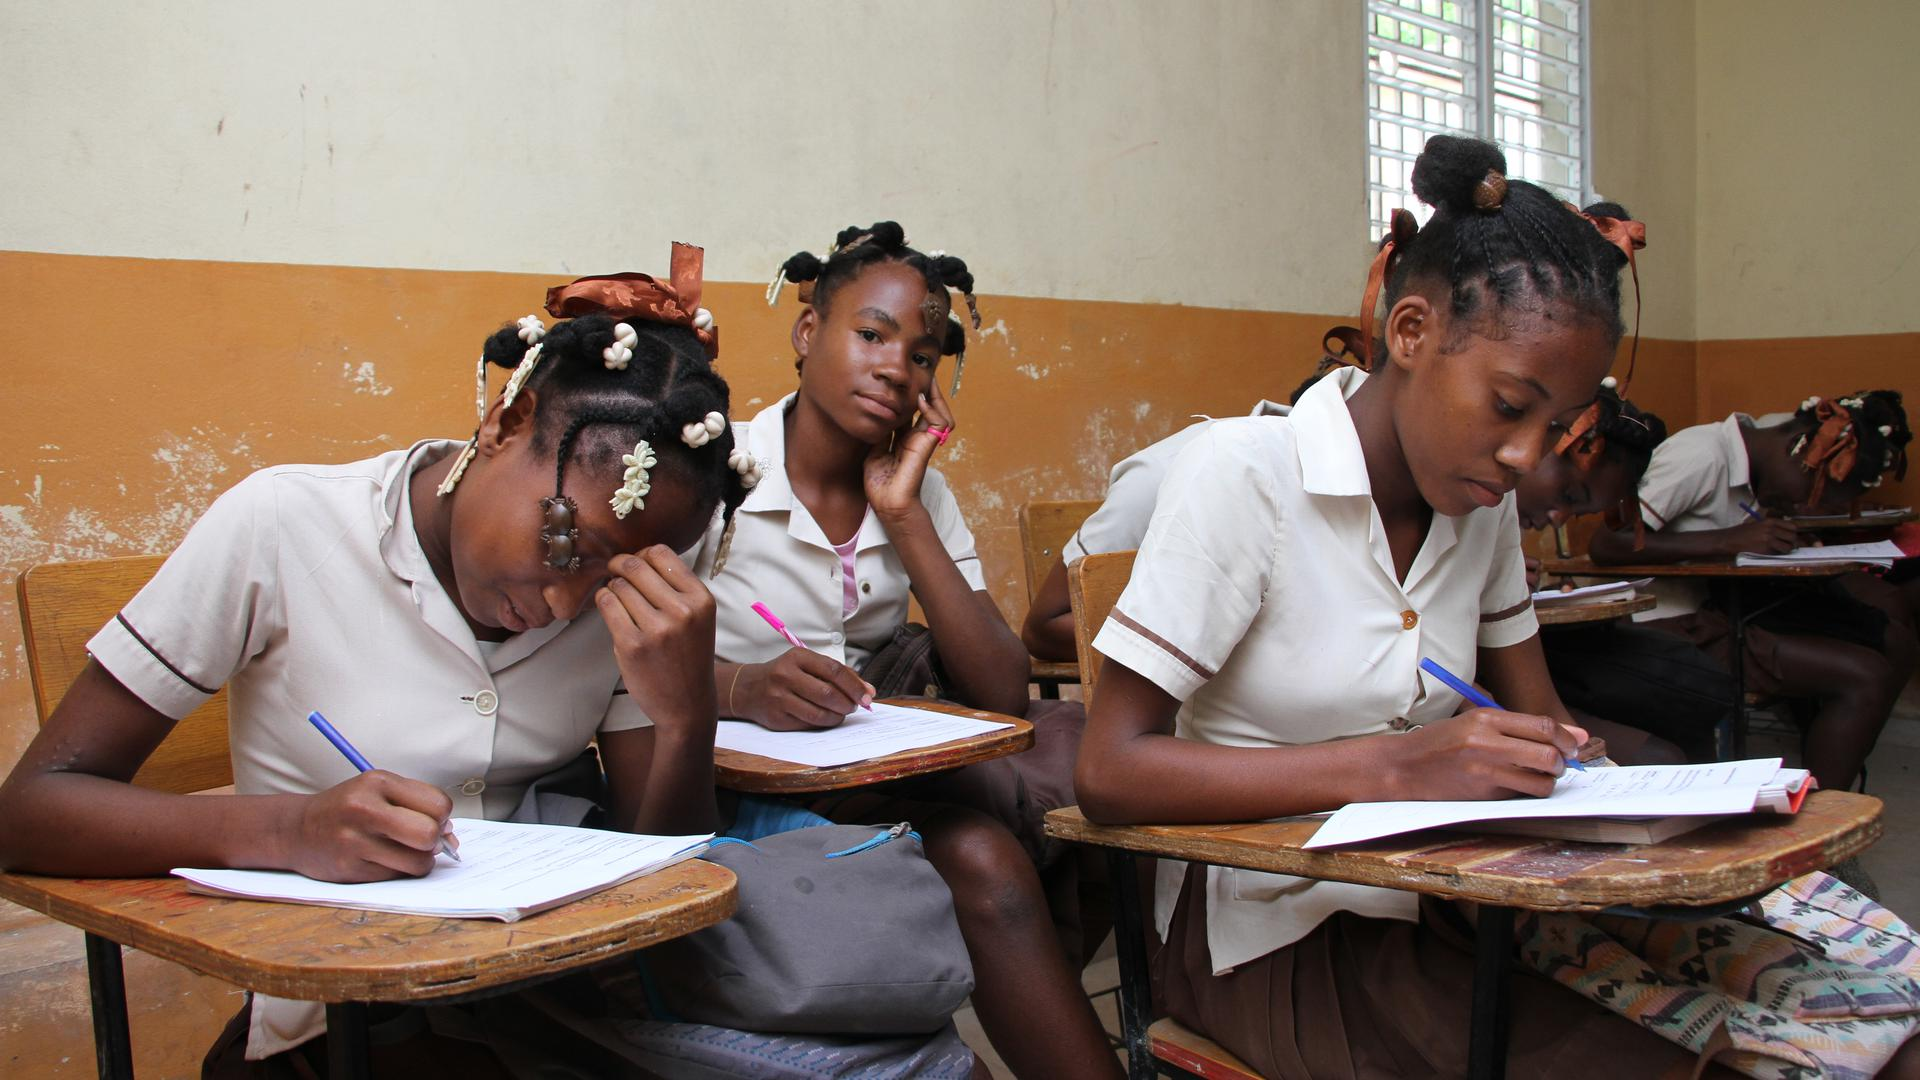 Neben fachlichem Wissen bekommen Schüler wie Fabulice Leica Shelsie (Mitte) auch Werte wie Respaekt oder Ehrlichkeit vermittelt.